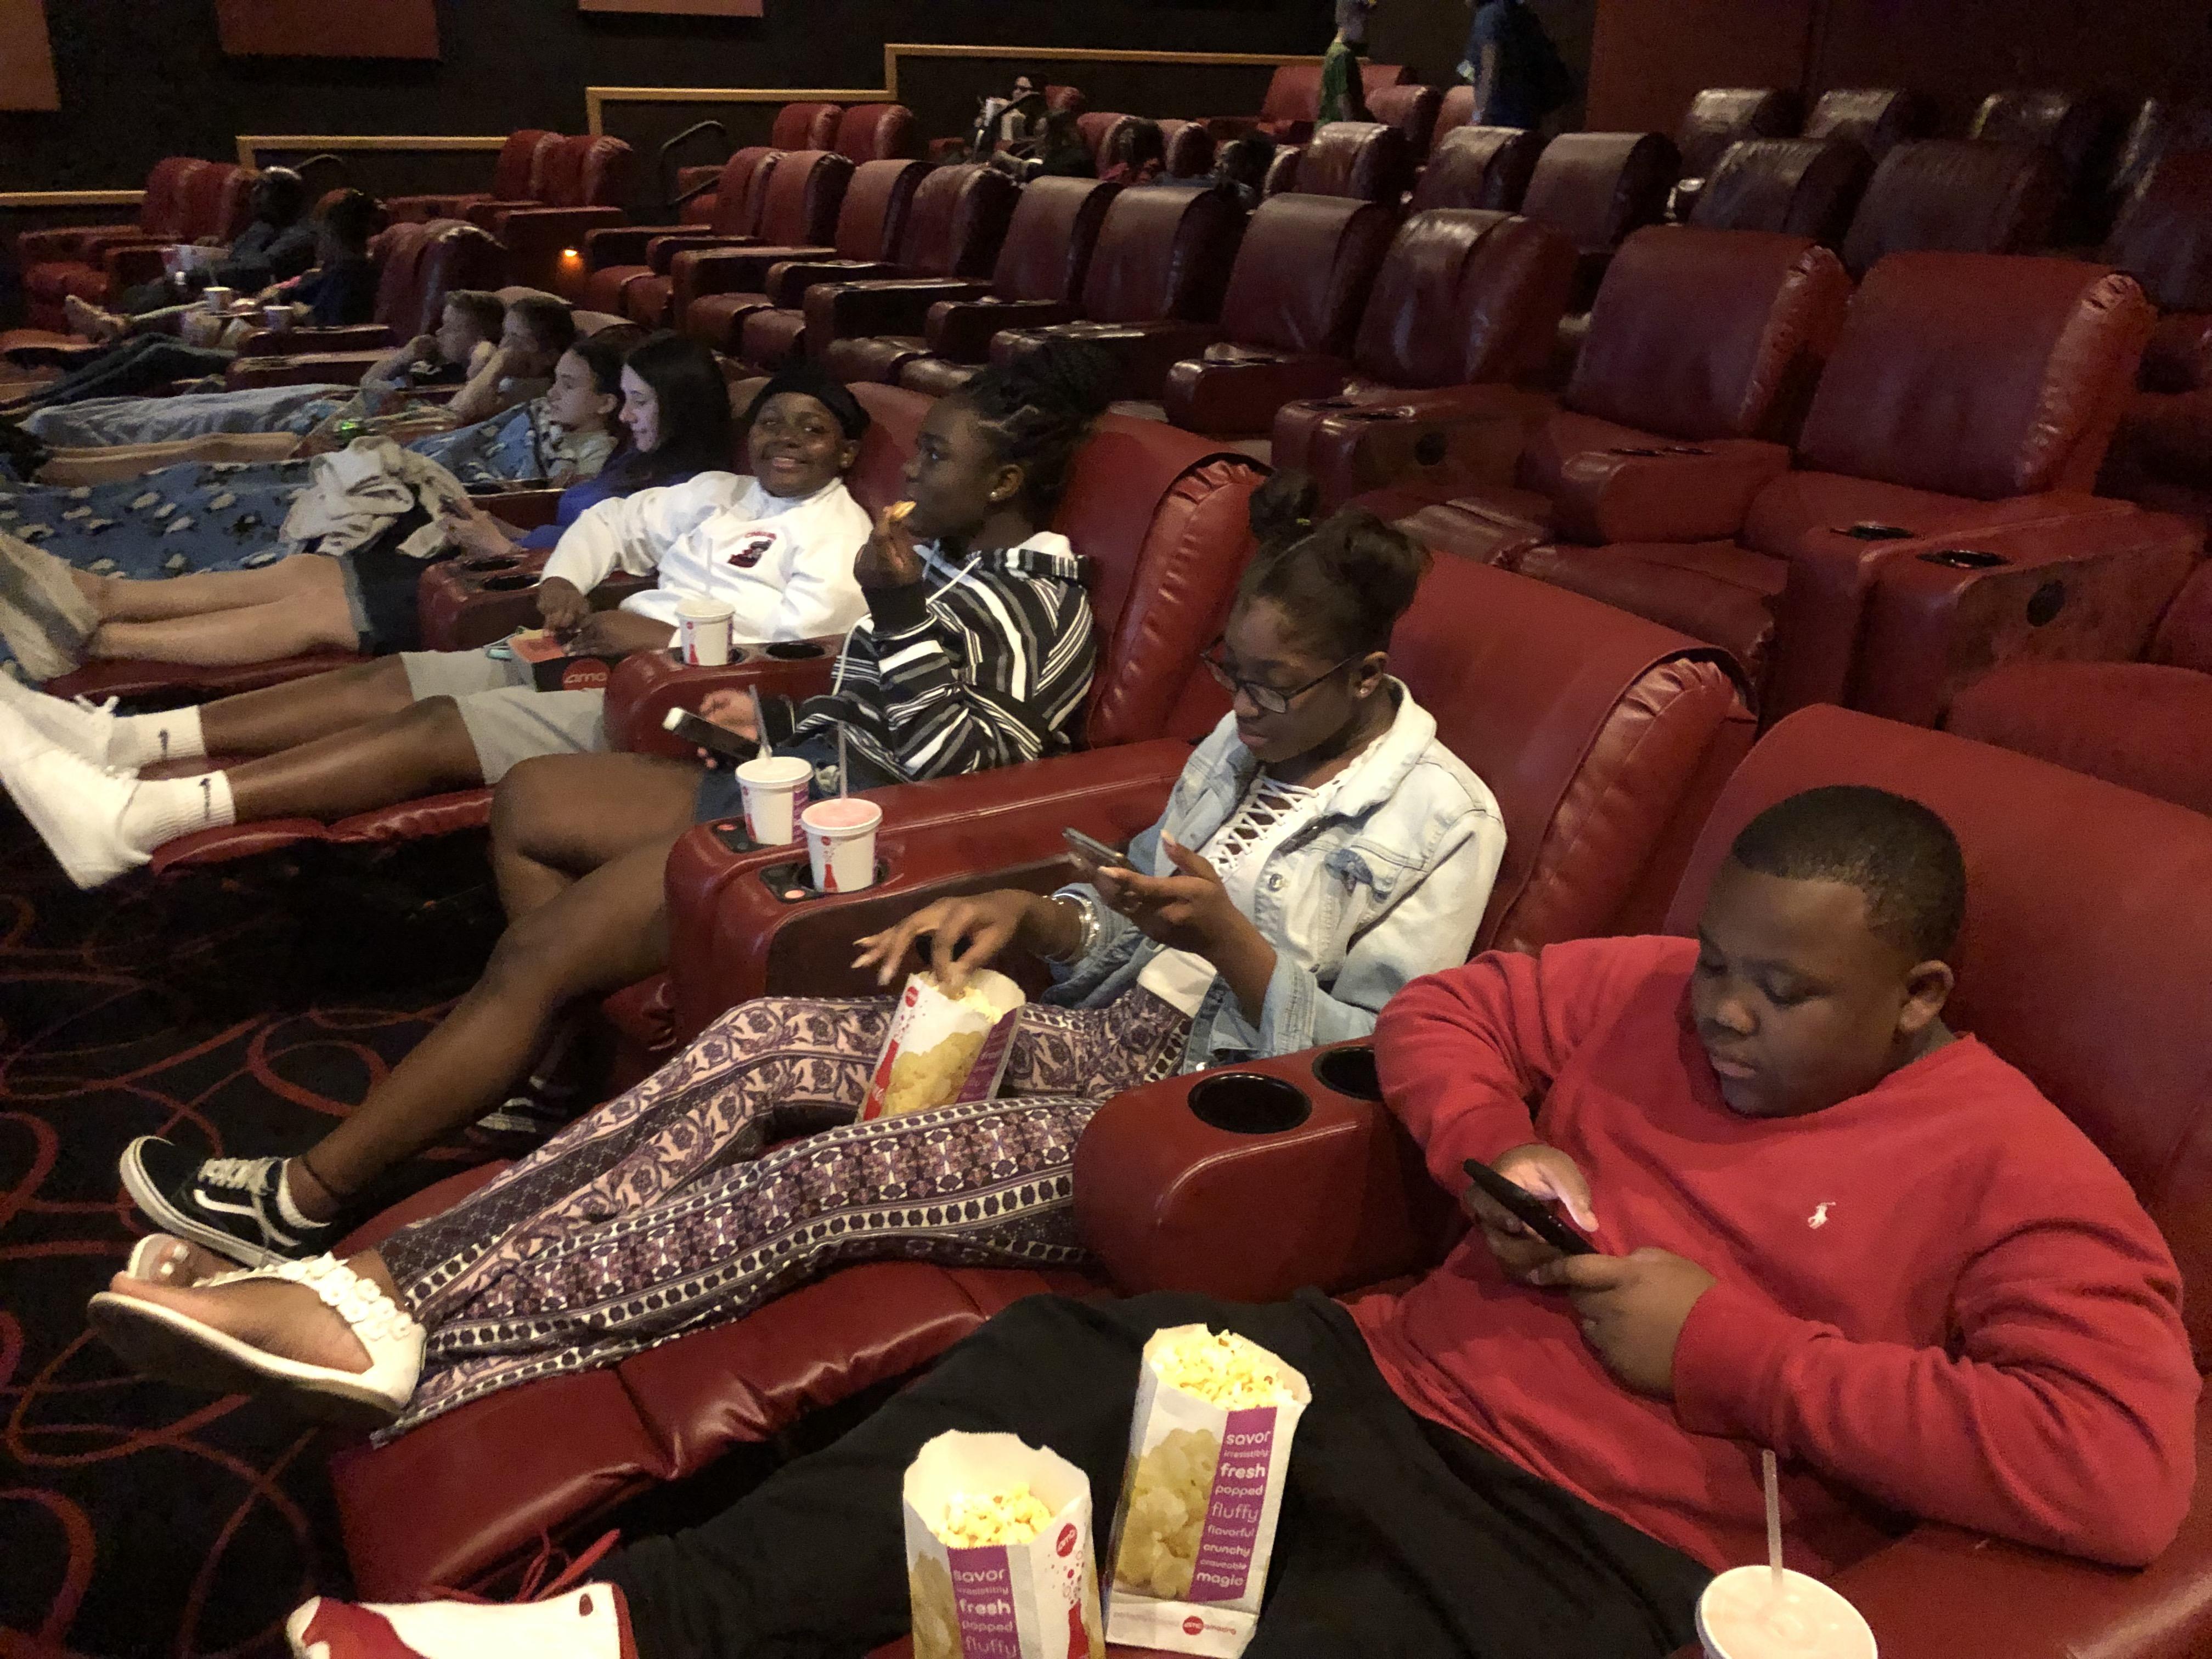 Teens at the Movies 3